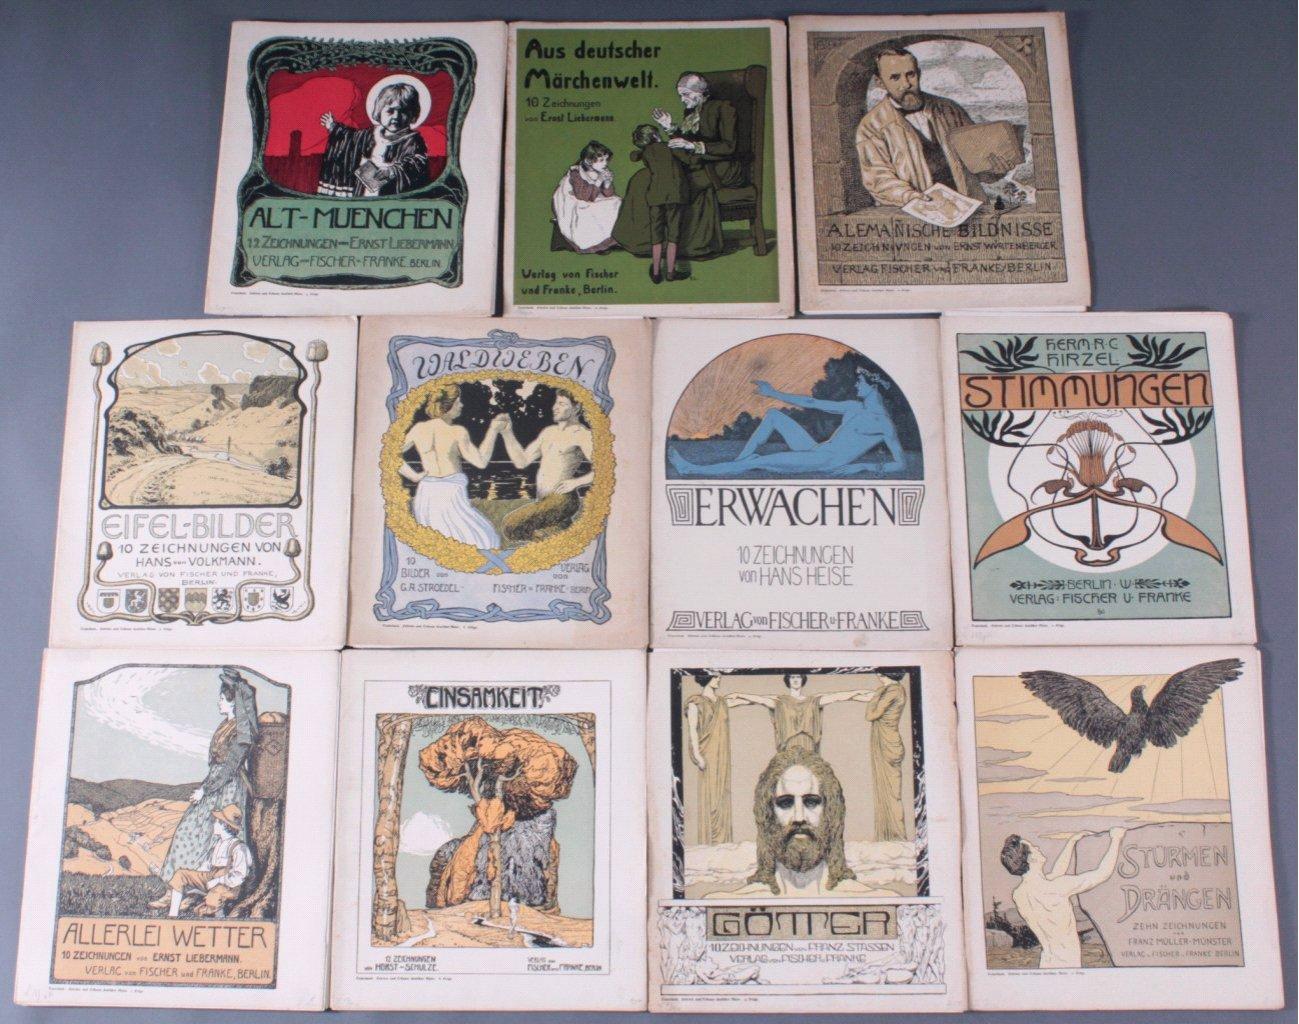 Sammlung Teuerdank, Folge 1 bis 11. Berlin um 1900 bis 1920